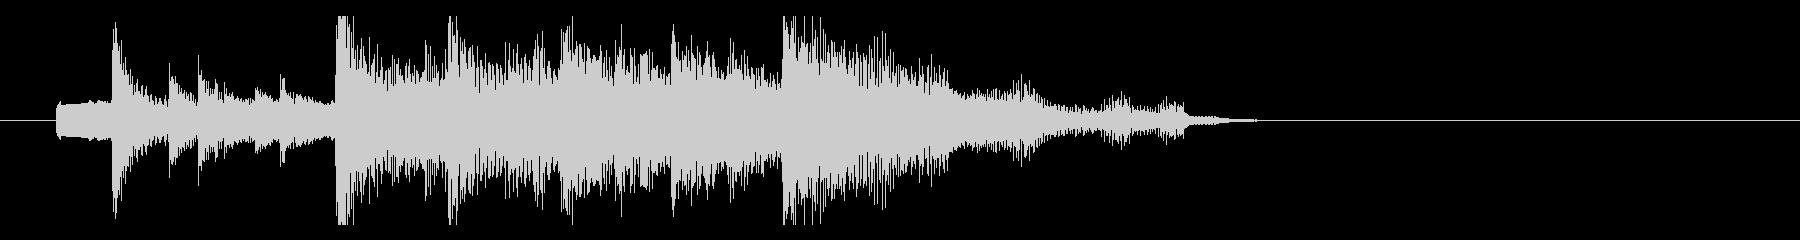 秋にぴったり 切ないメロディのジングルの未再生の波形